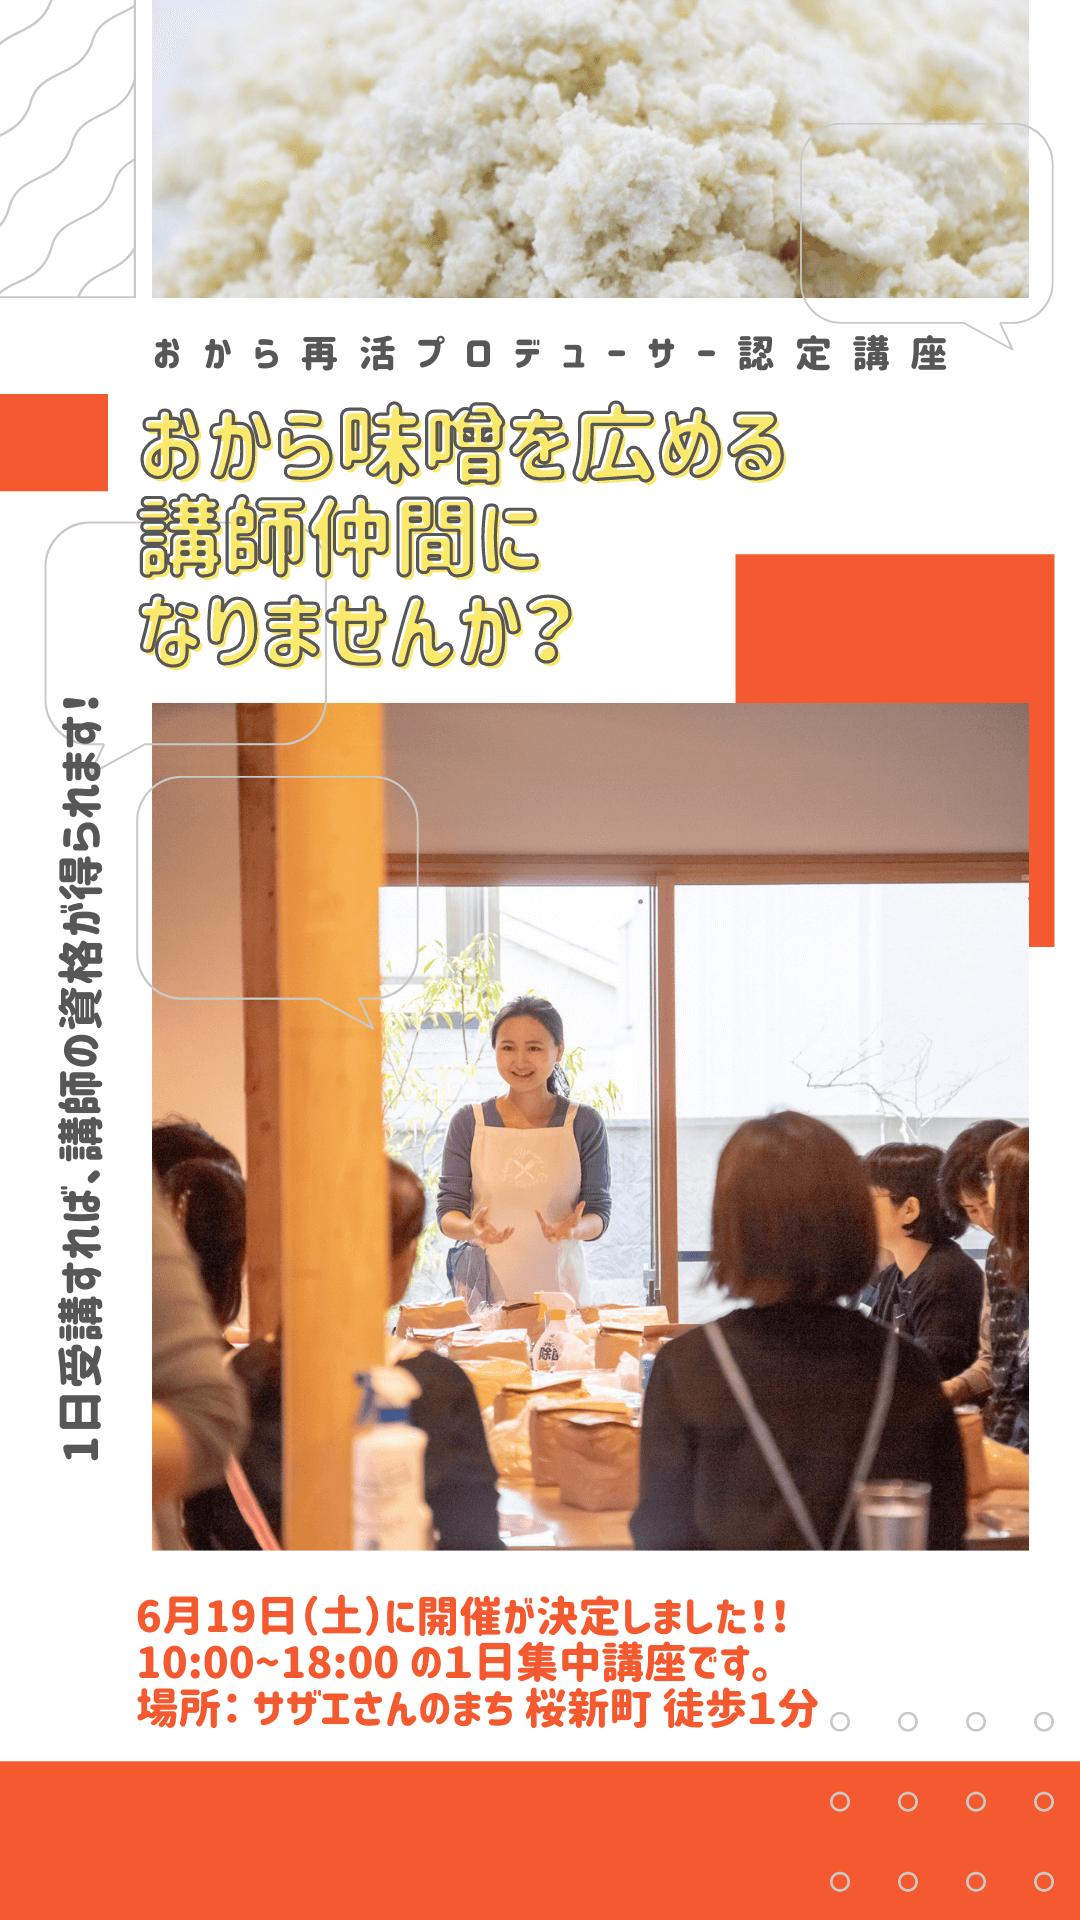 おから再活プロデューサー認定講座|藤橋ひとみ|東京